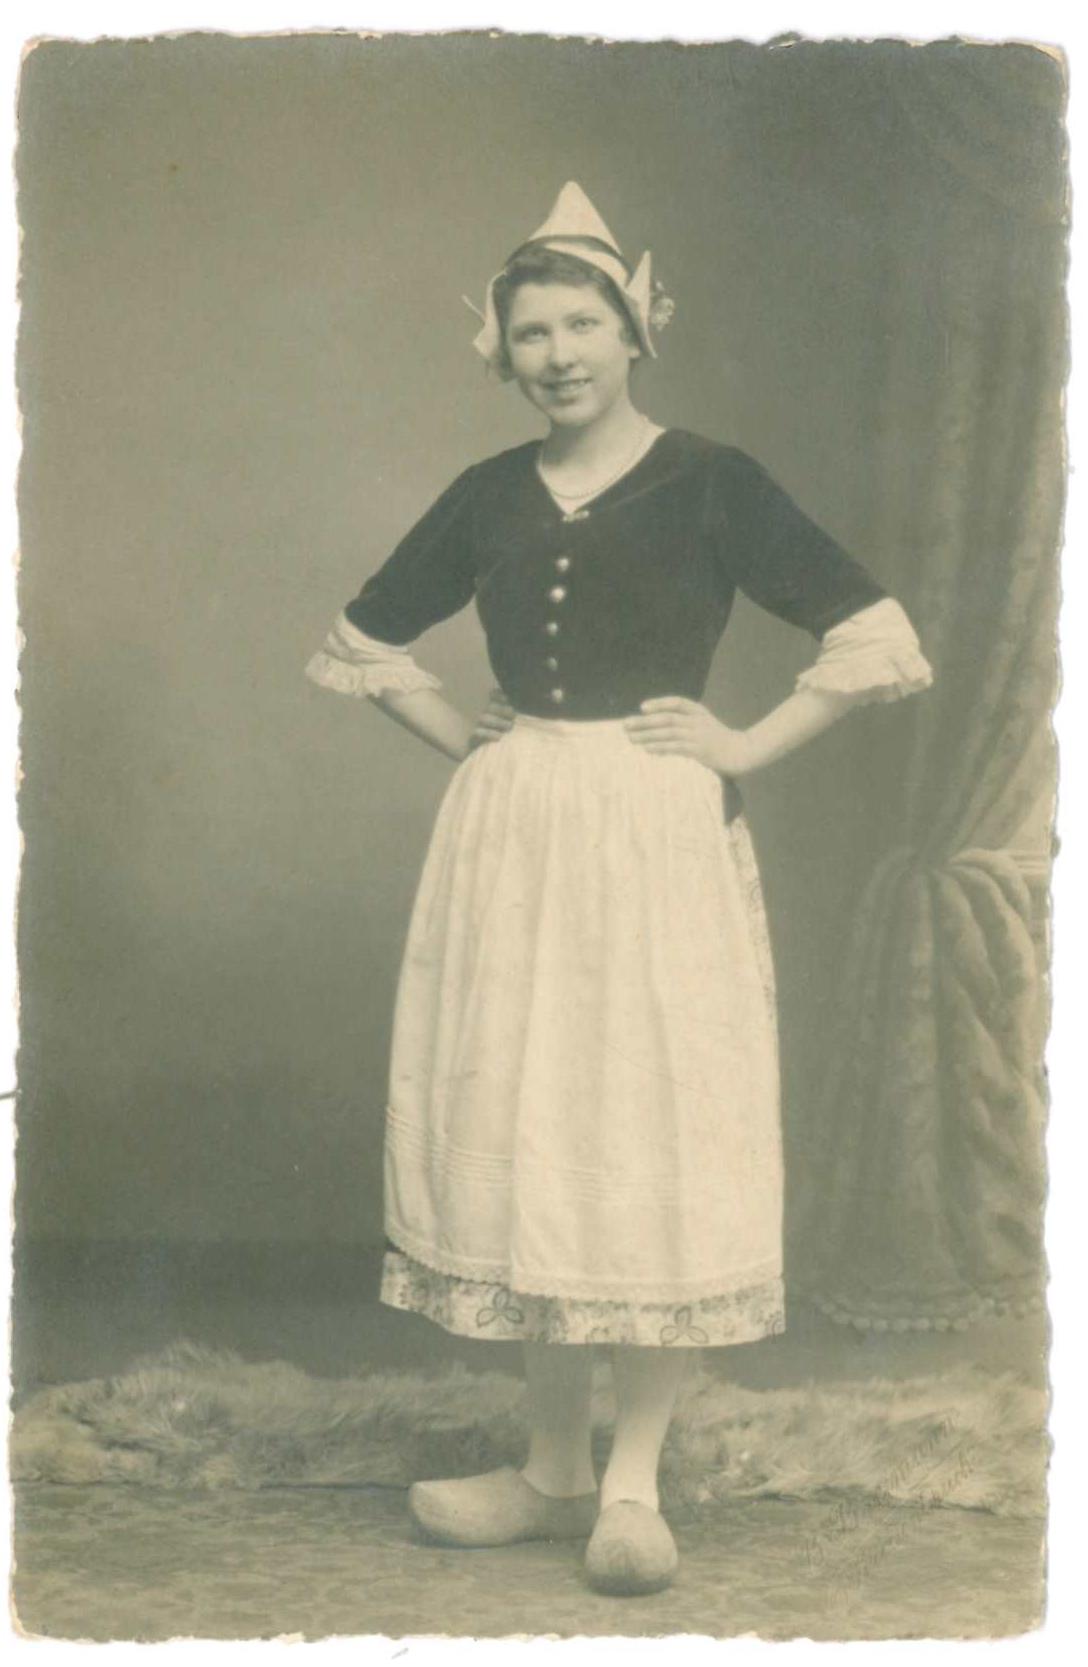 Elly Hanschmidt